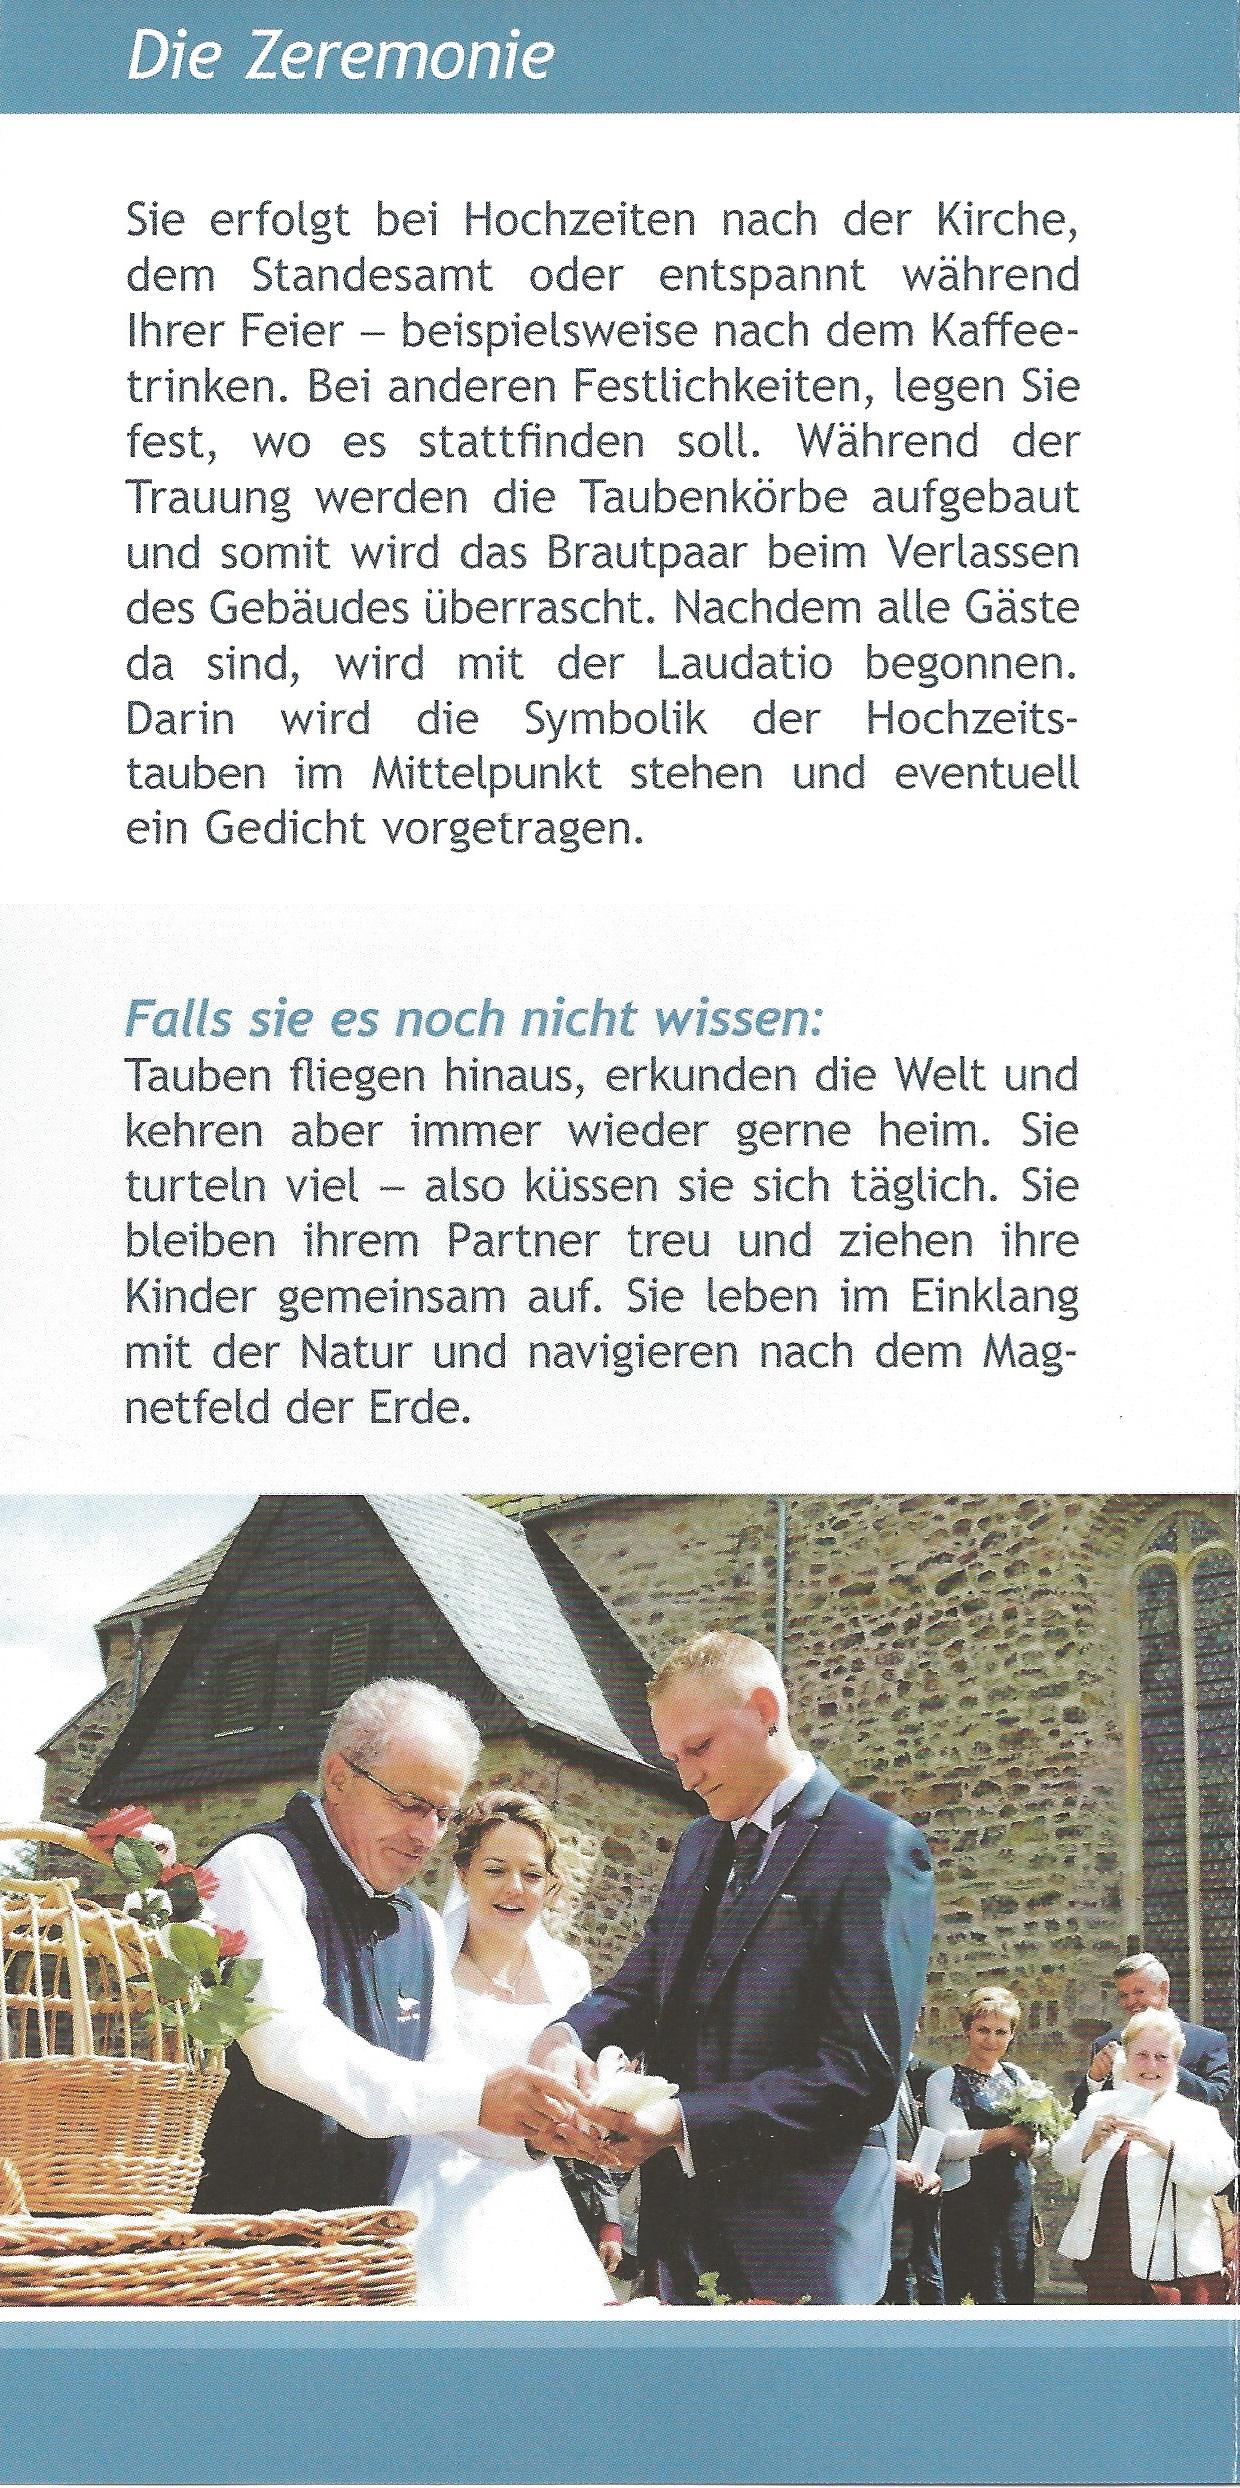 Hochzeitstauben Jürgen Wutzler